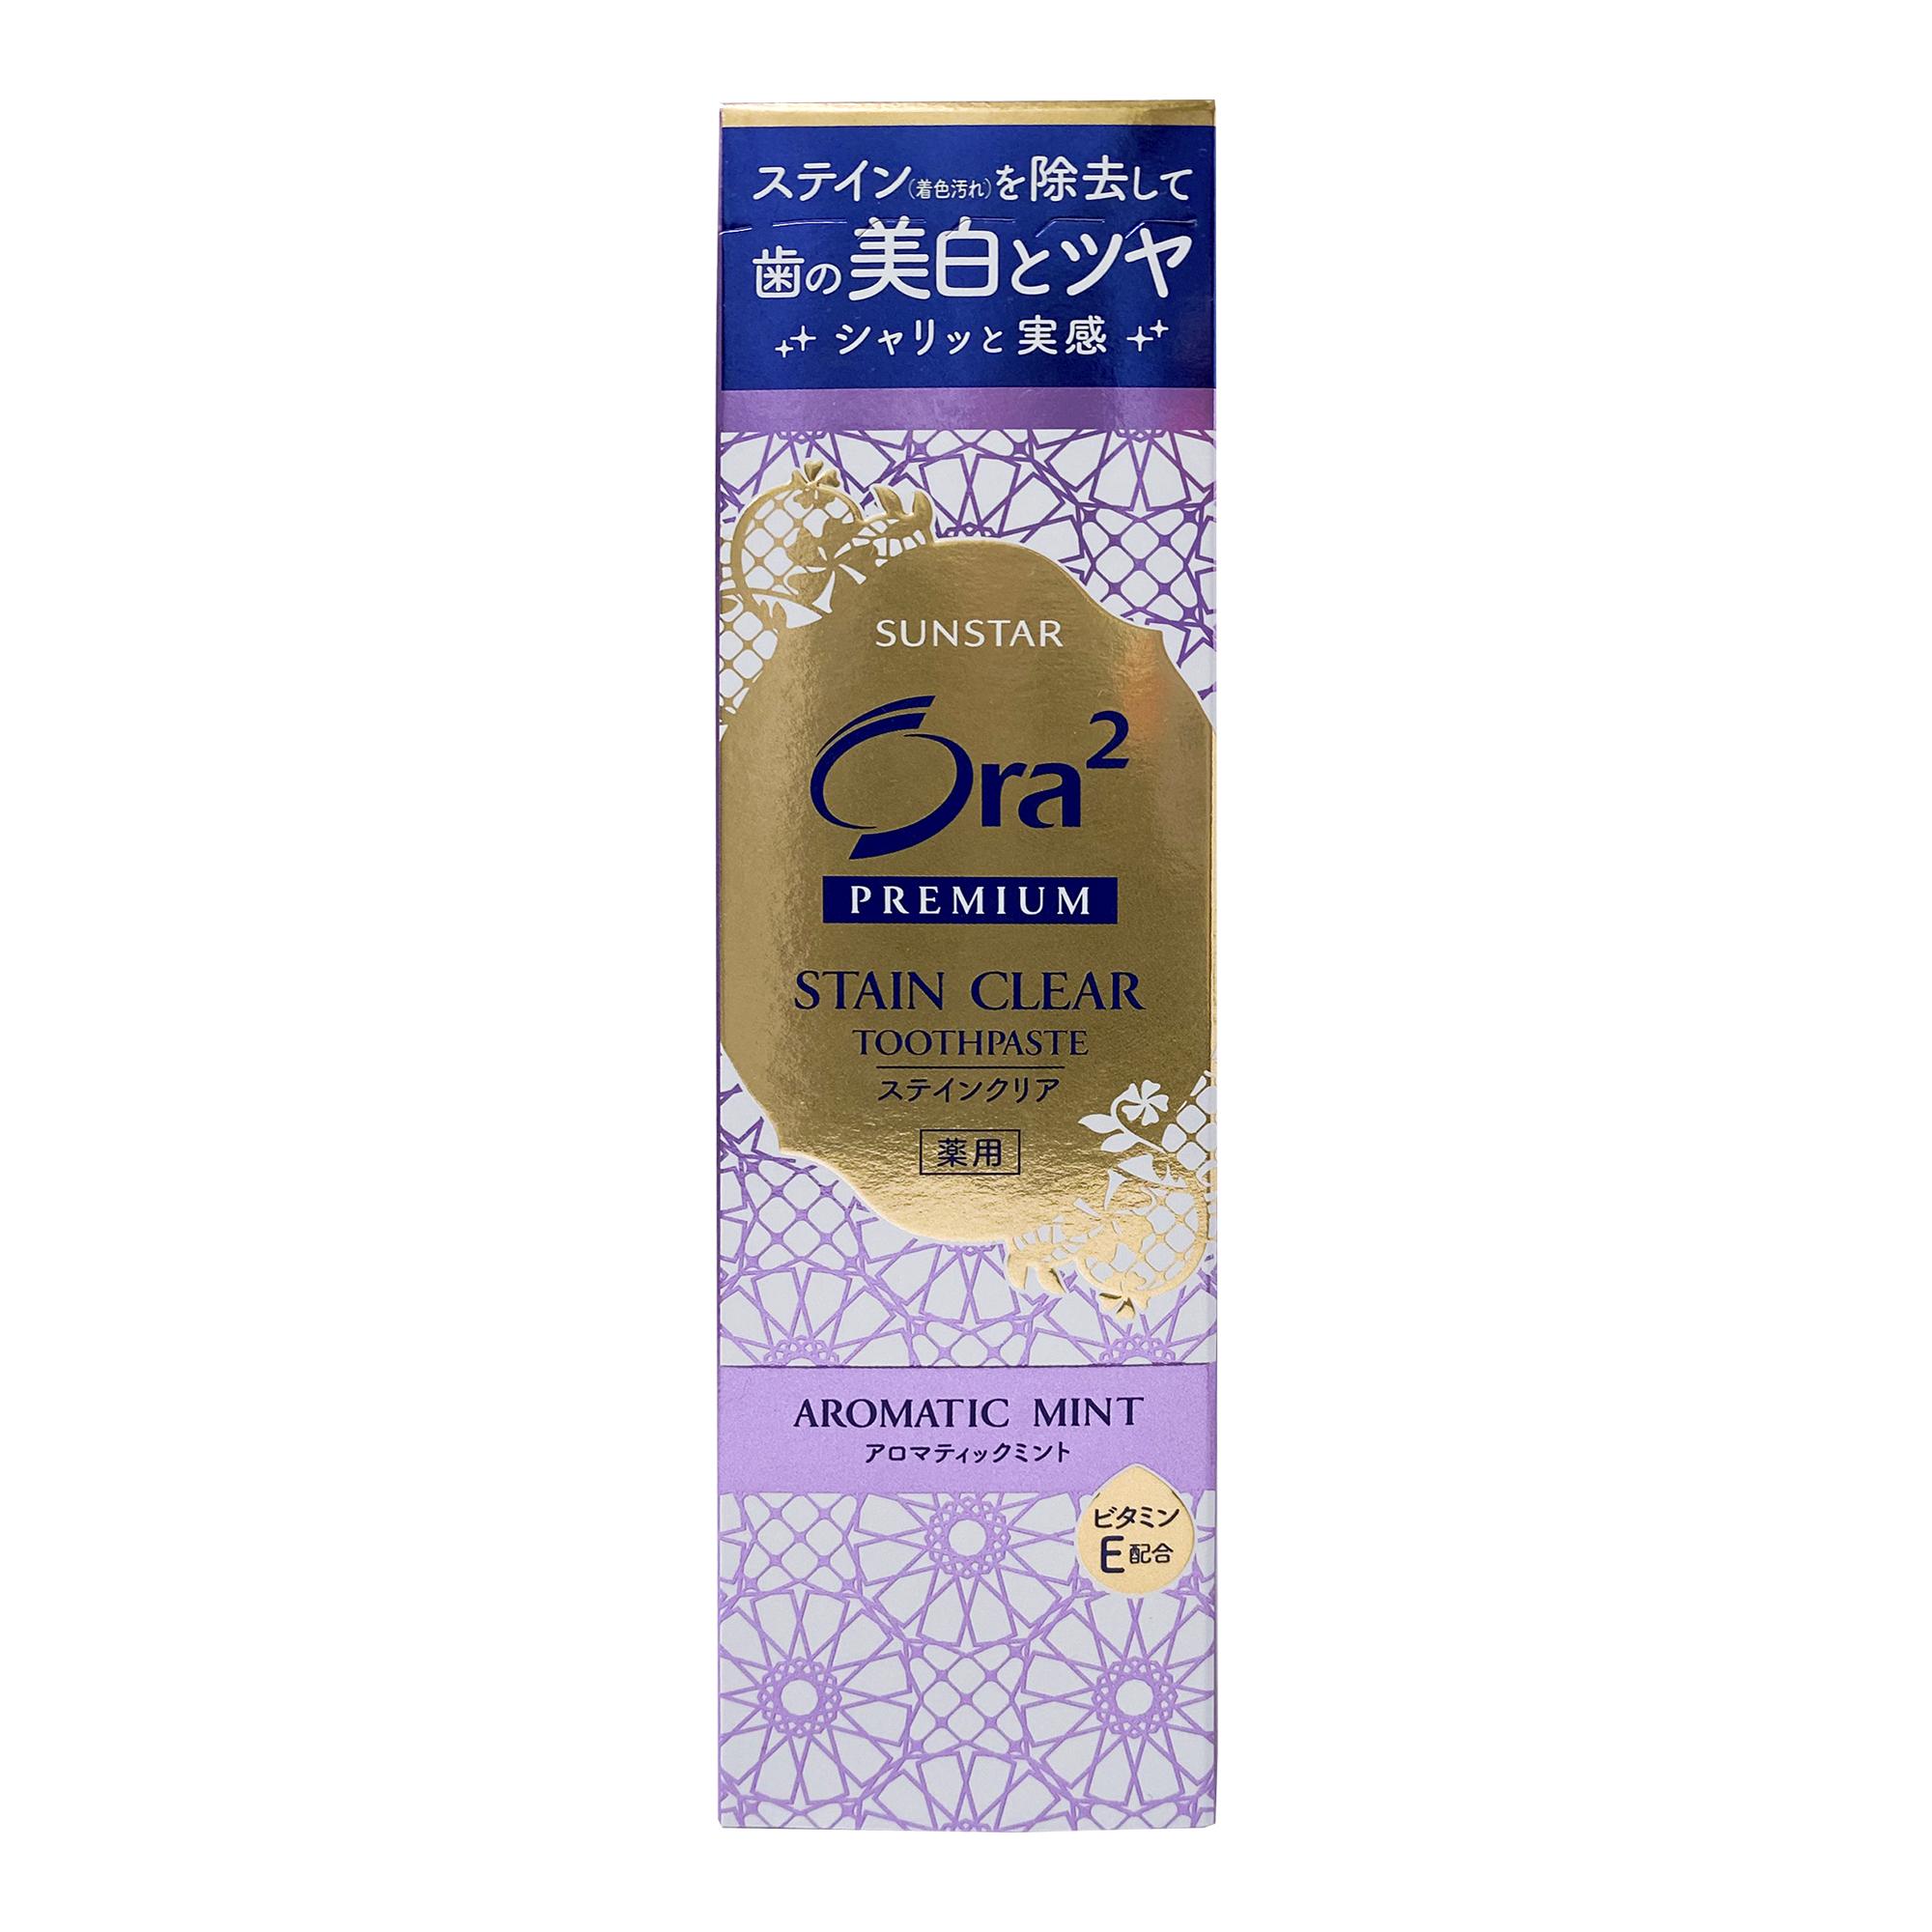 Зубная паста Sunstar Ora2 Premium Лаванда и мята 100мл фото